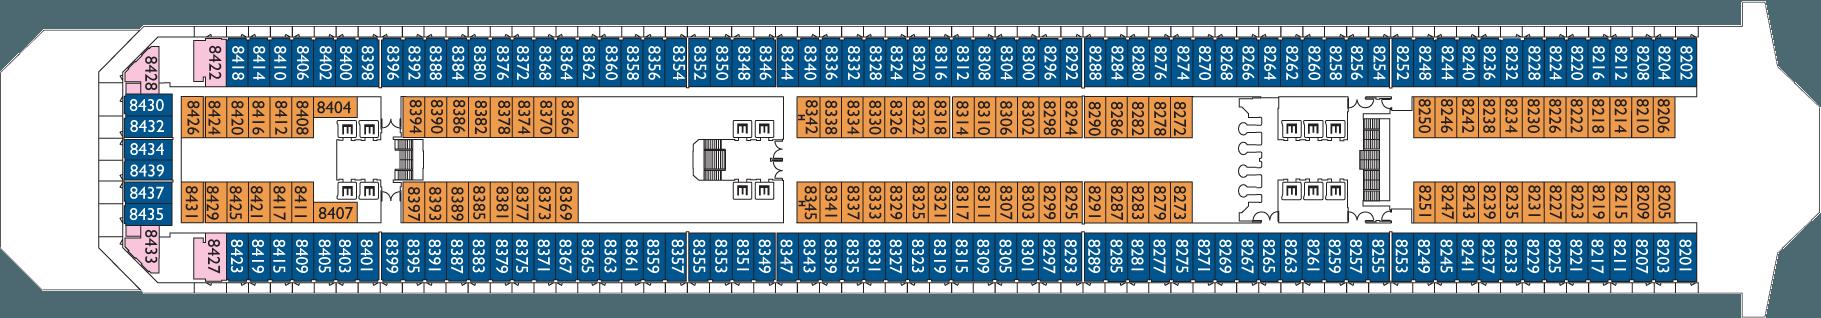 Deck 8 Vigo